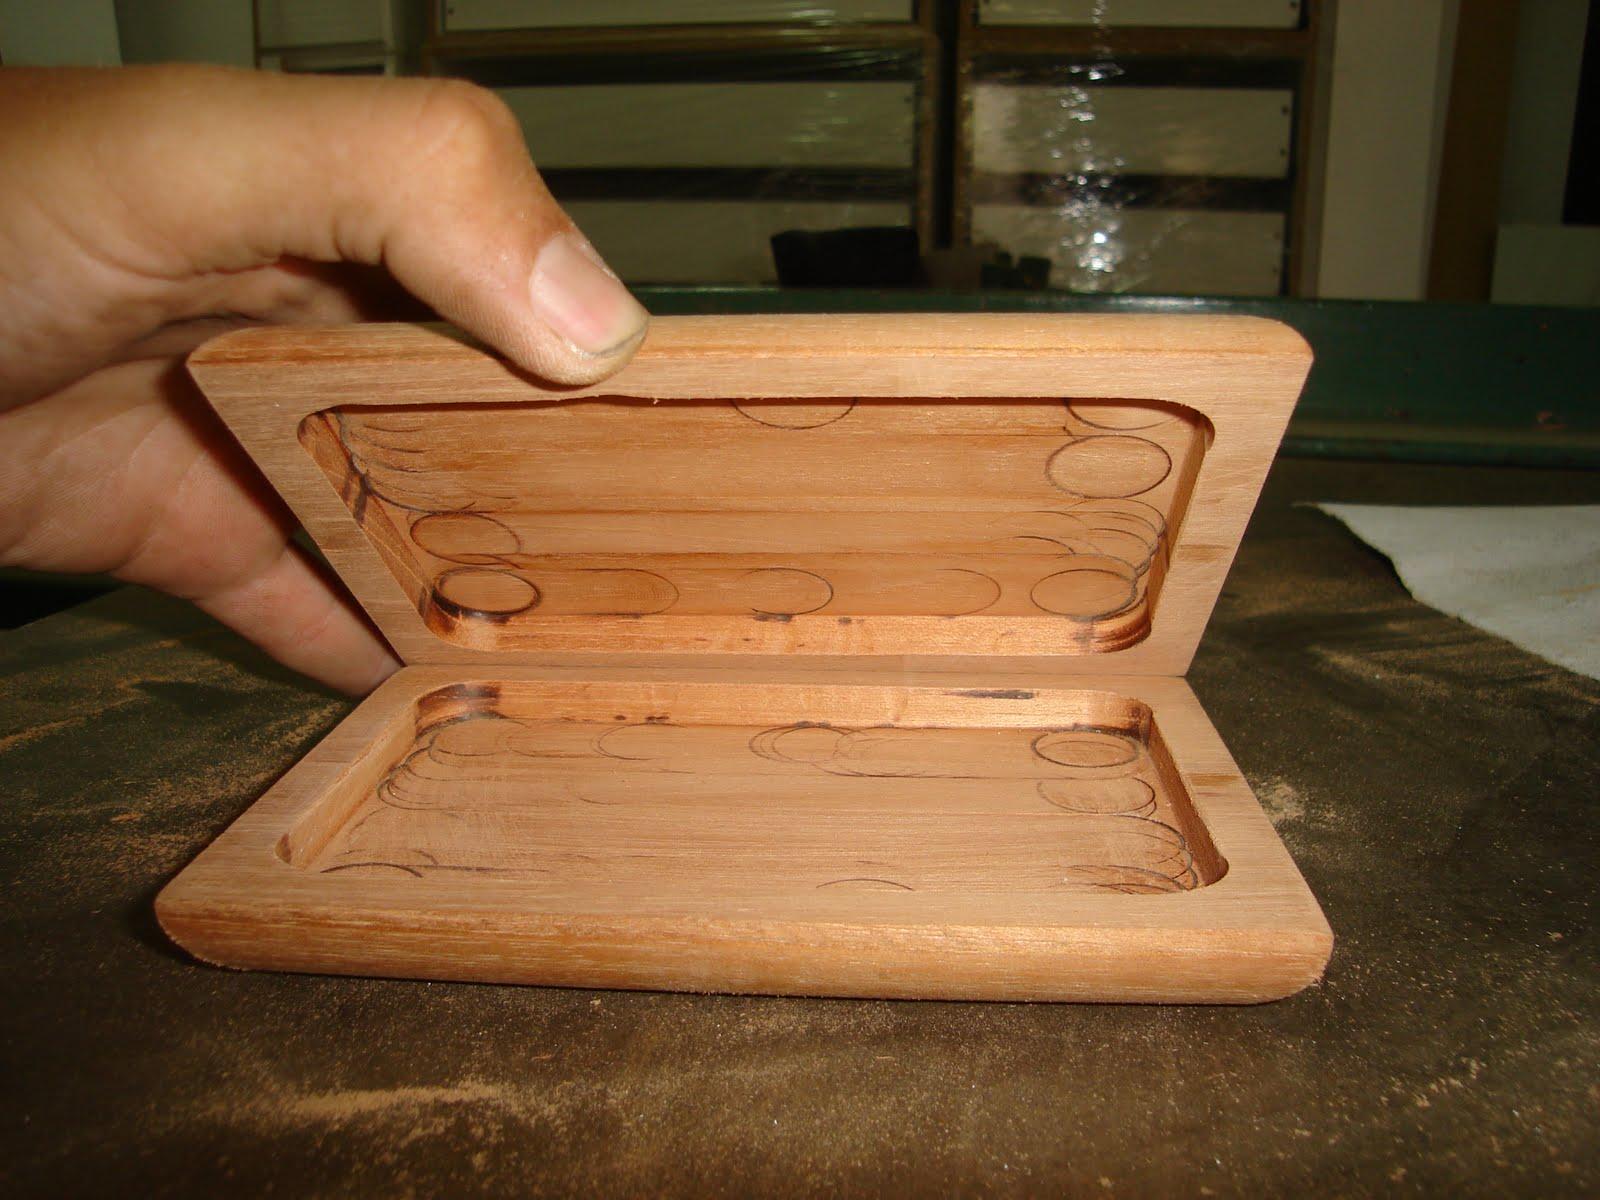 para colocar las bisagras y que la caja cierre es necesario rebajar el borde de la caja donde se asentar la bisagra